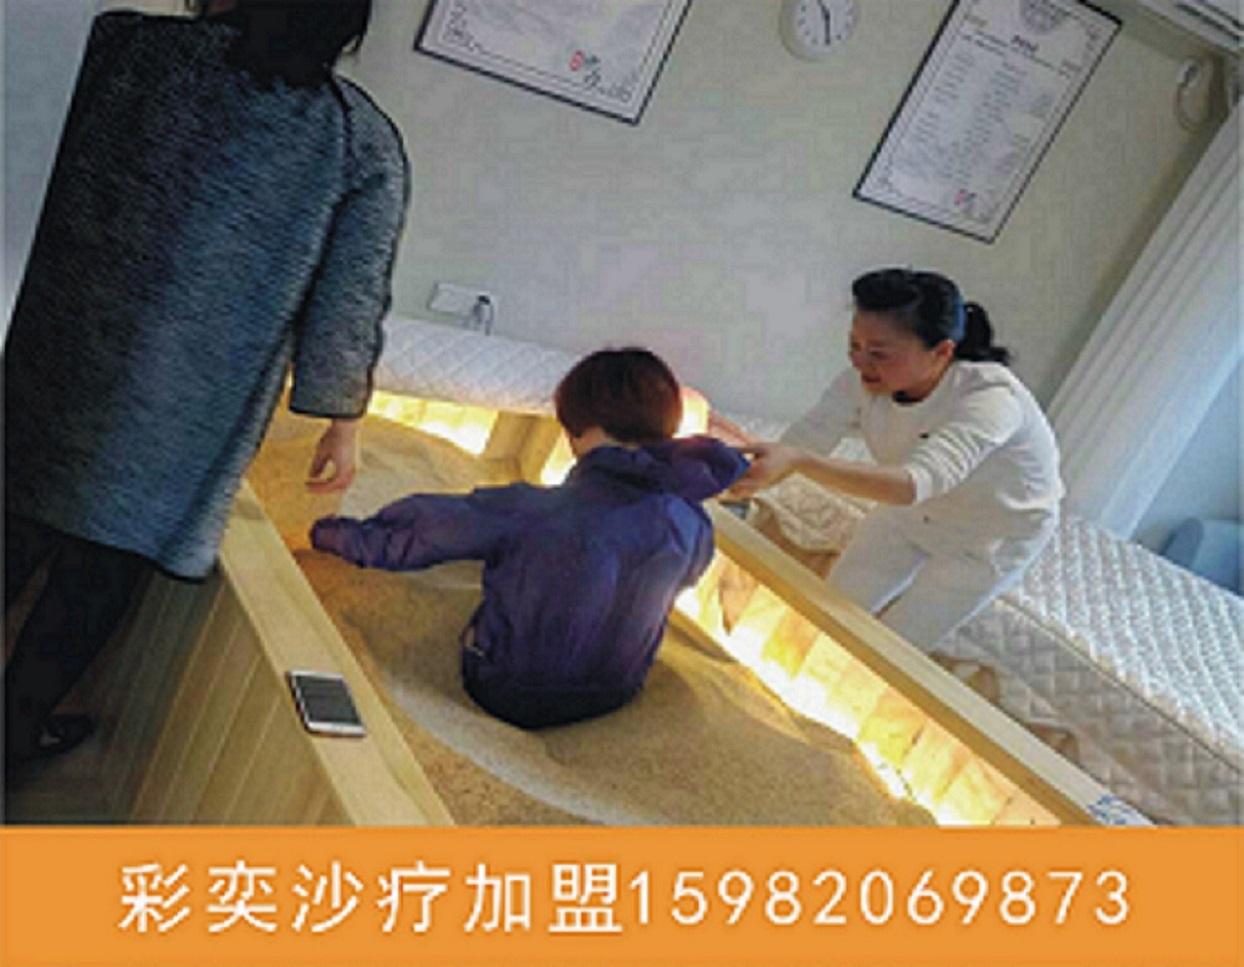 沙疗床价格及功效、沙疗床厂家、彩奕沙疗知识普及篇